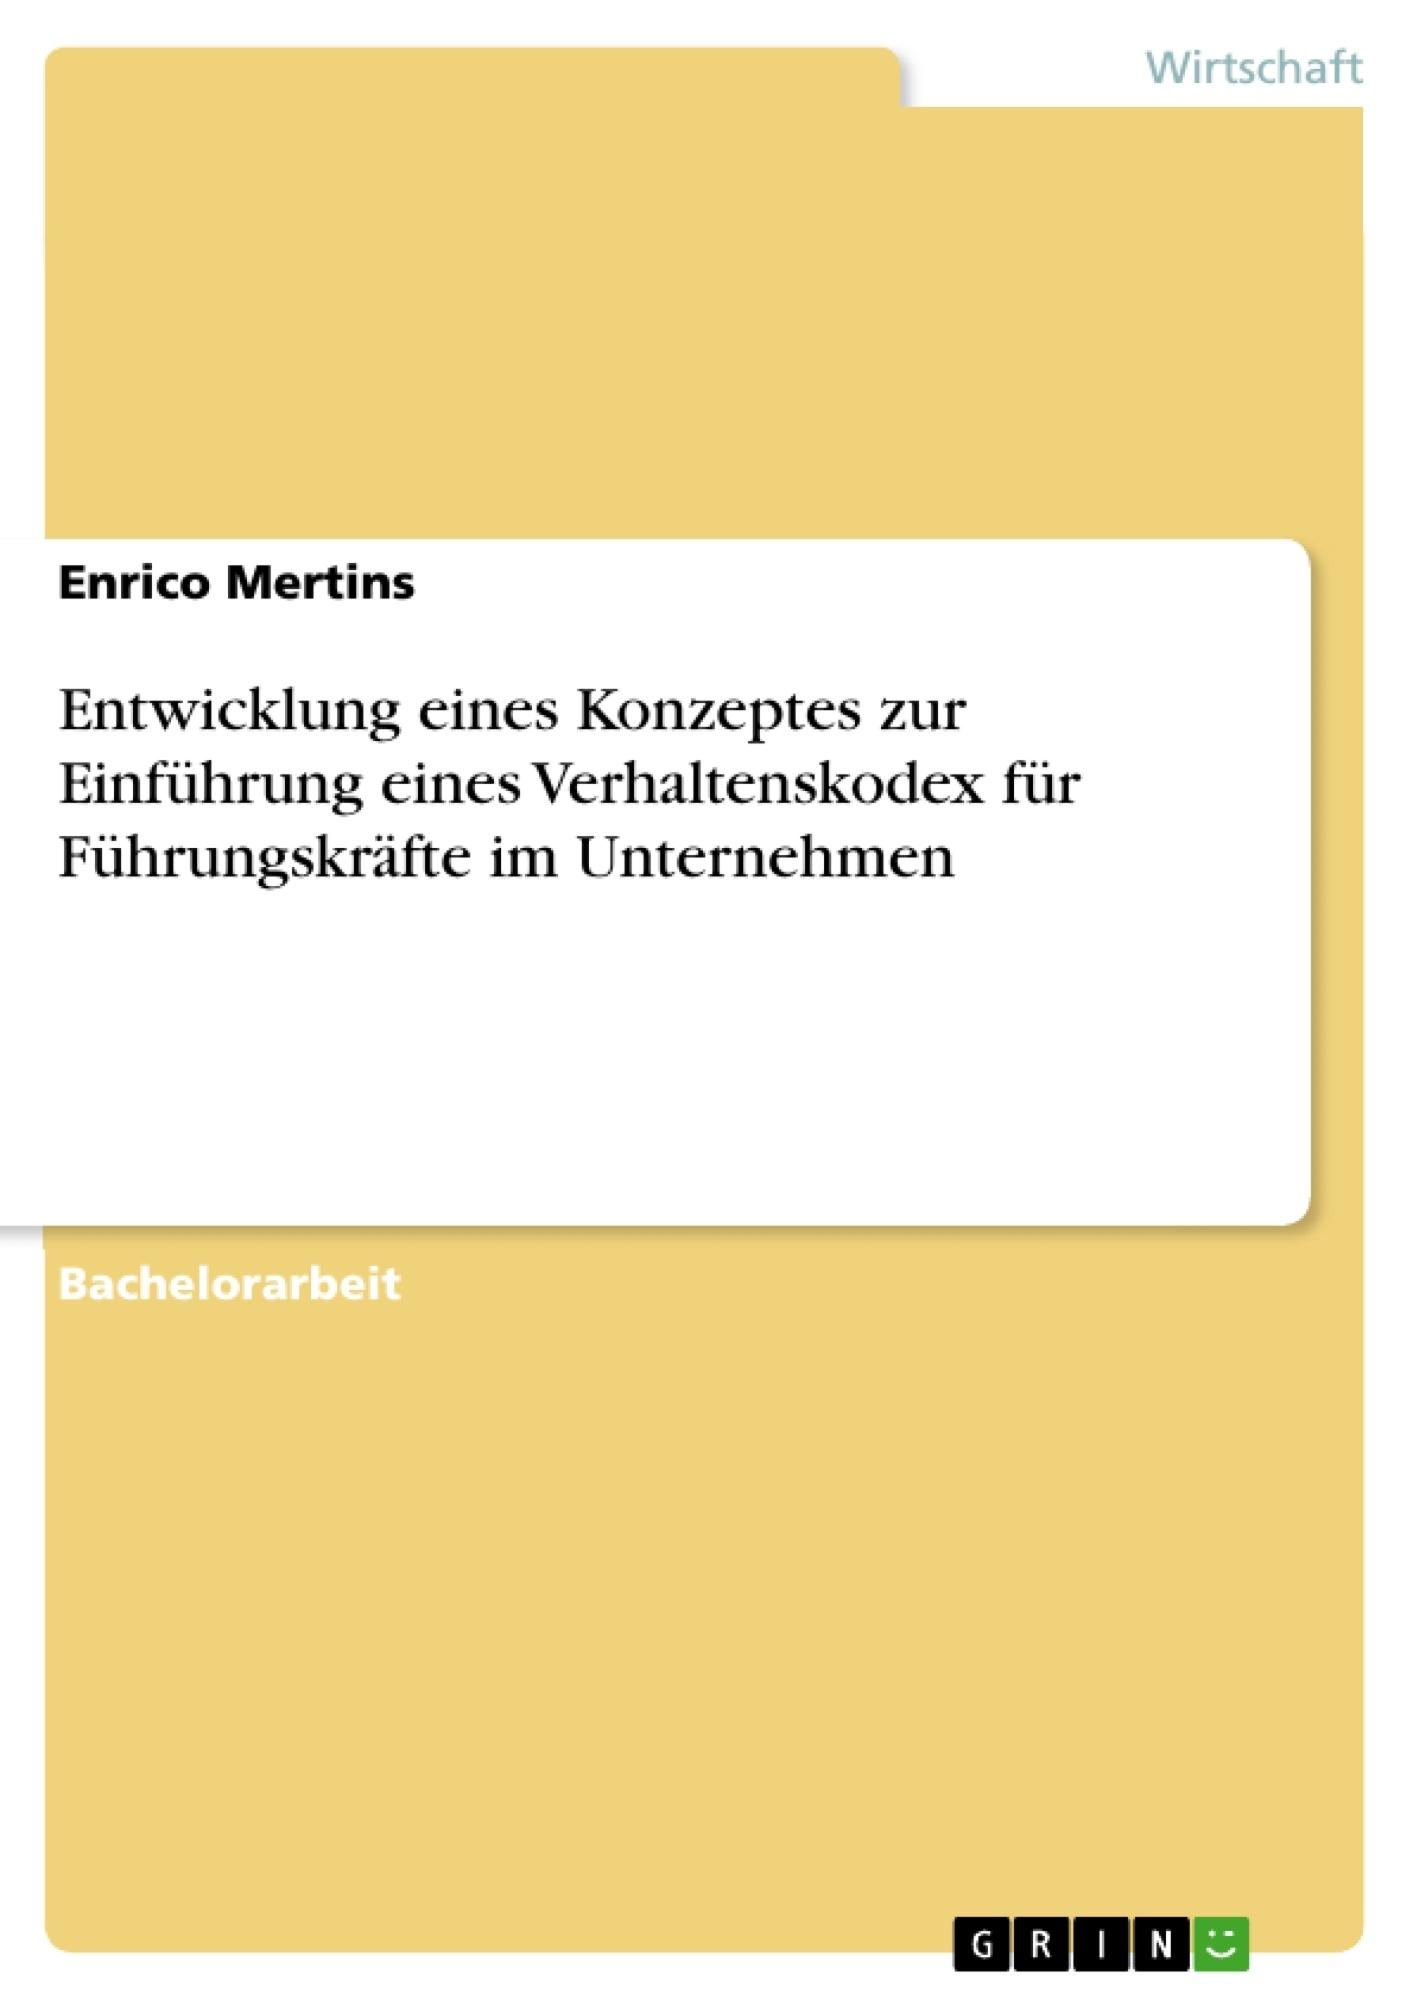 Titel: Entwicklung eines Konzeptes zur Einführung eines Verhaltenskodex für Führungskräfte im Unternehmen